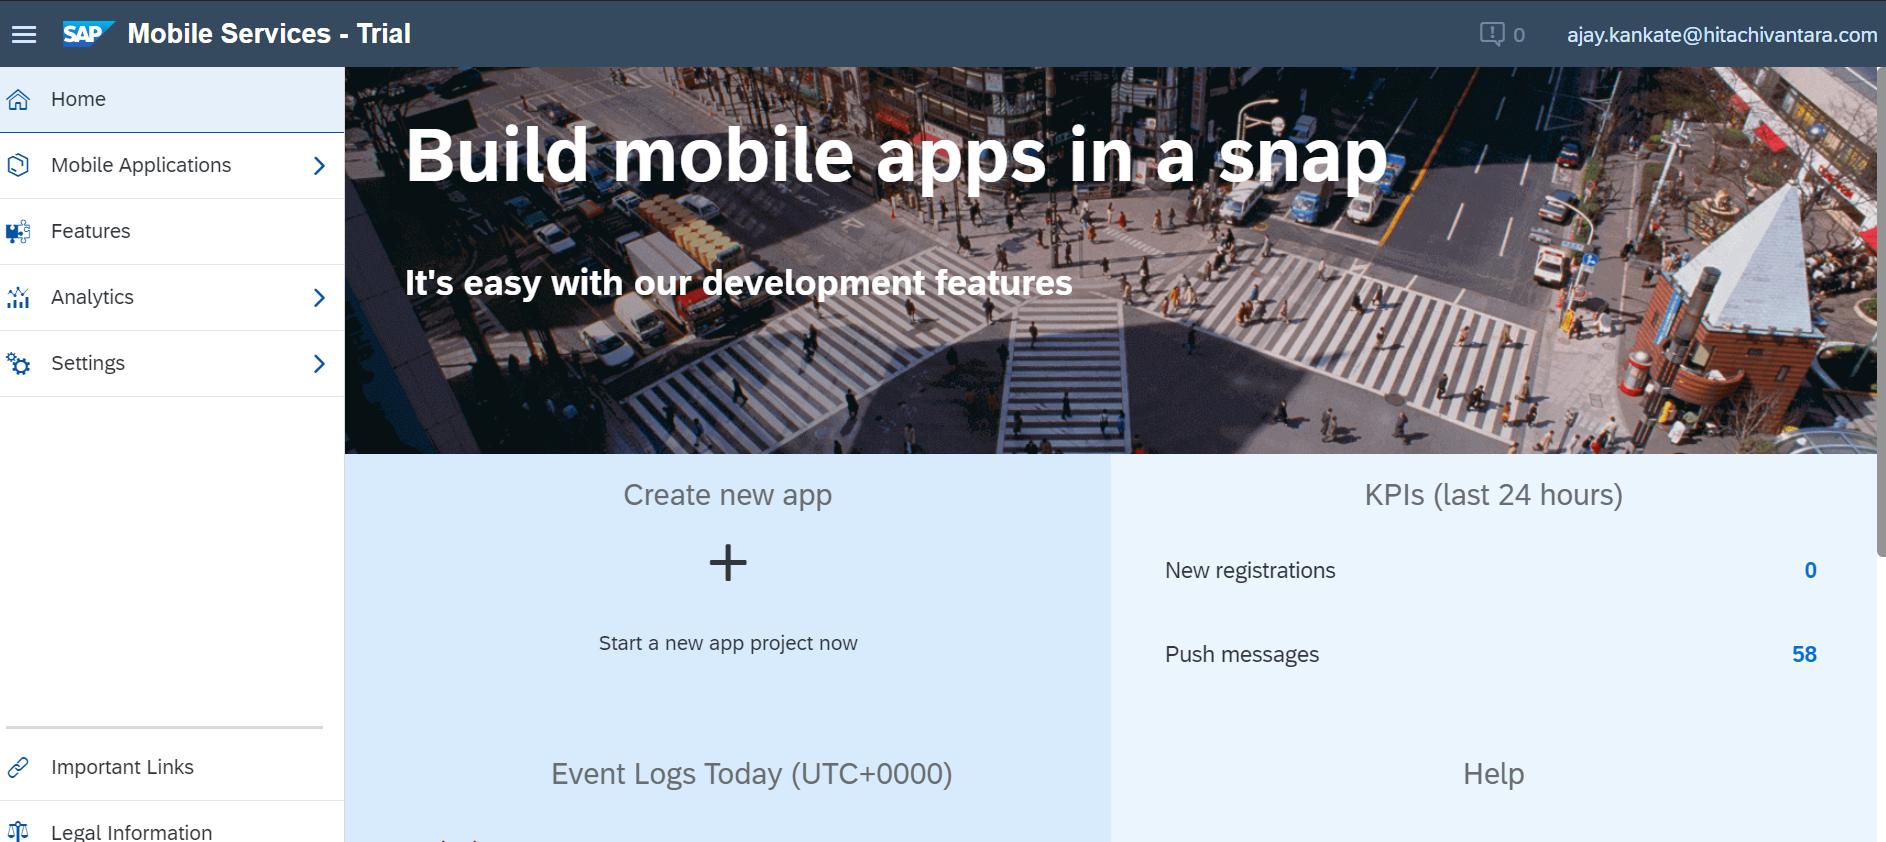 Mobile%20Services%20Cockpit